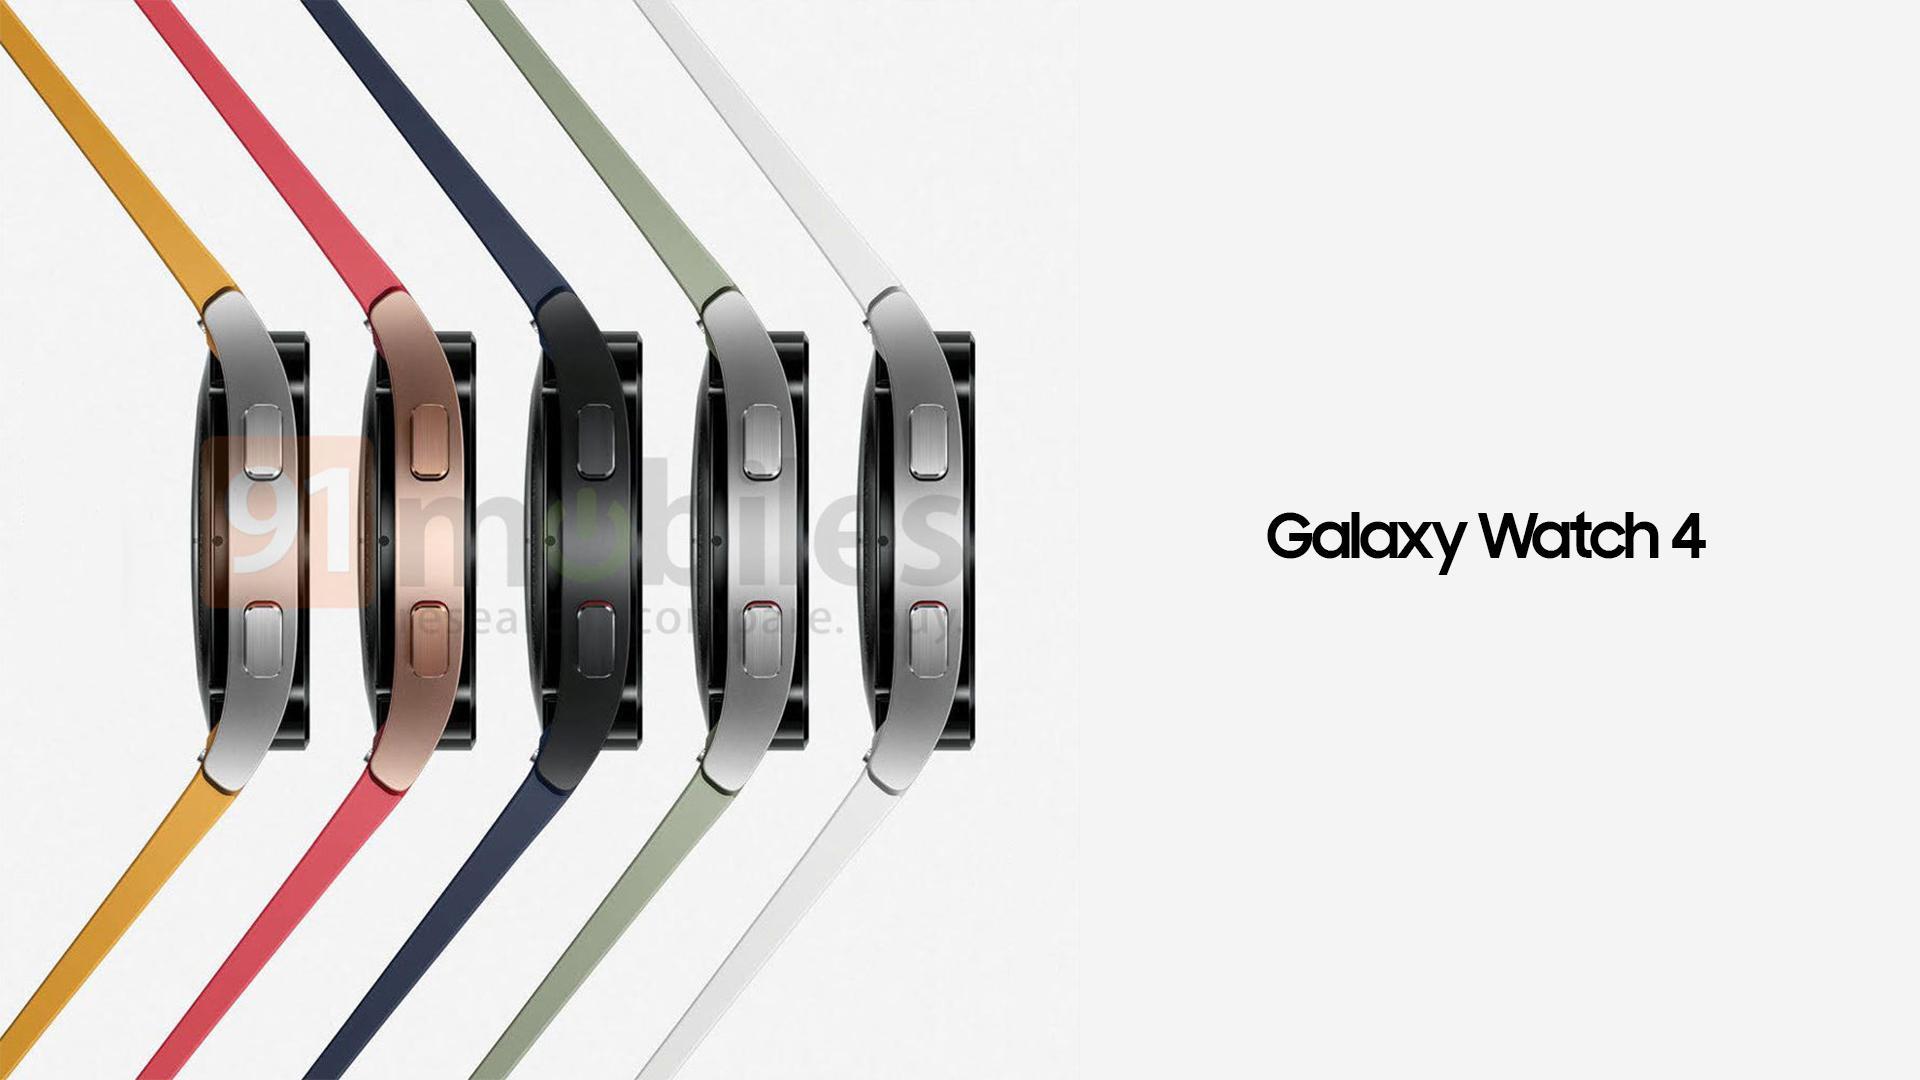 Дороже Apple Watch: в сеть утекли европейские цены смарт-часов Samsung Galaxy Watch 4 и Galaxy Watch 4 Classic